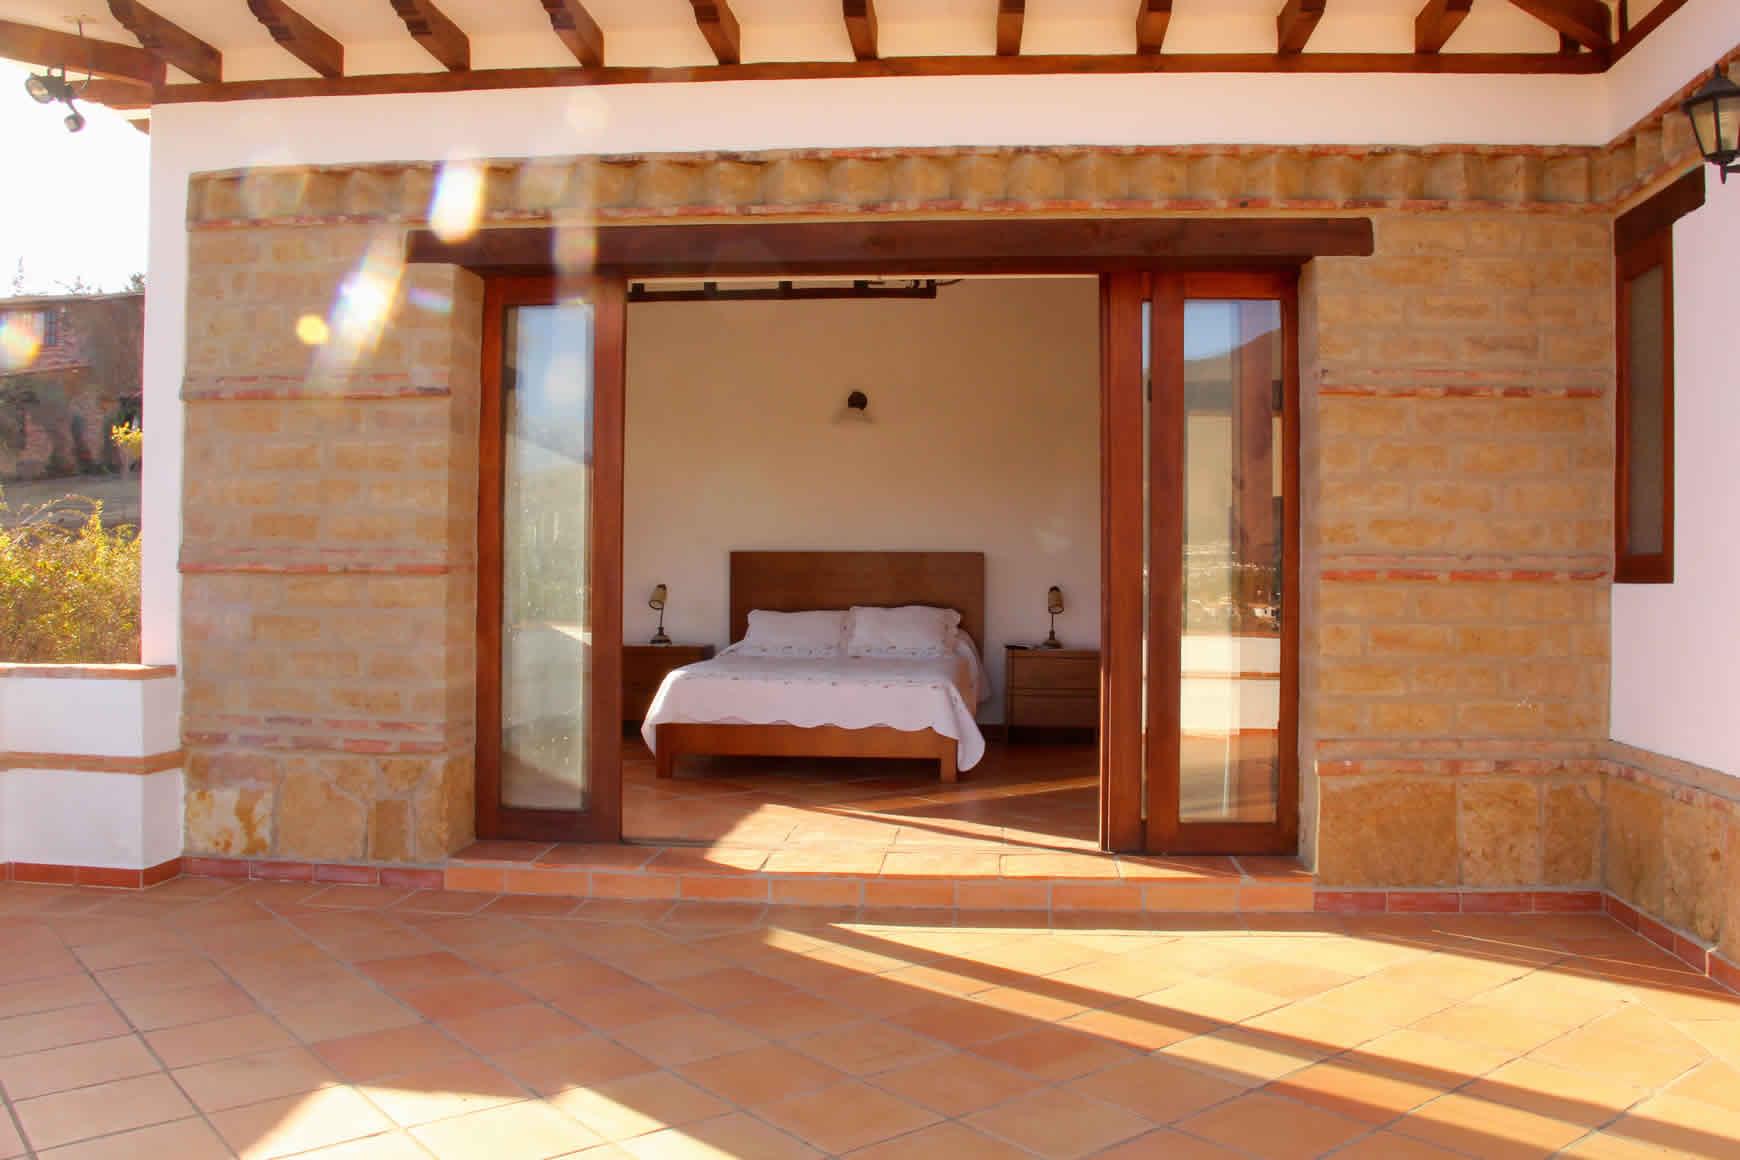 Alquiler casa Ecatepec en Villa de Leyva - Comedor